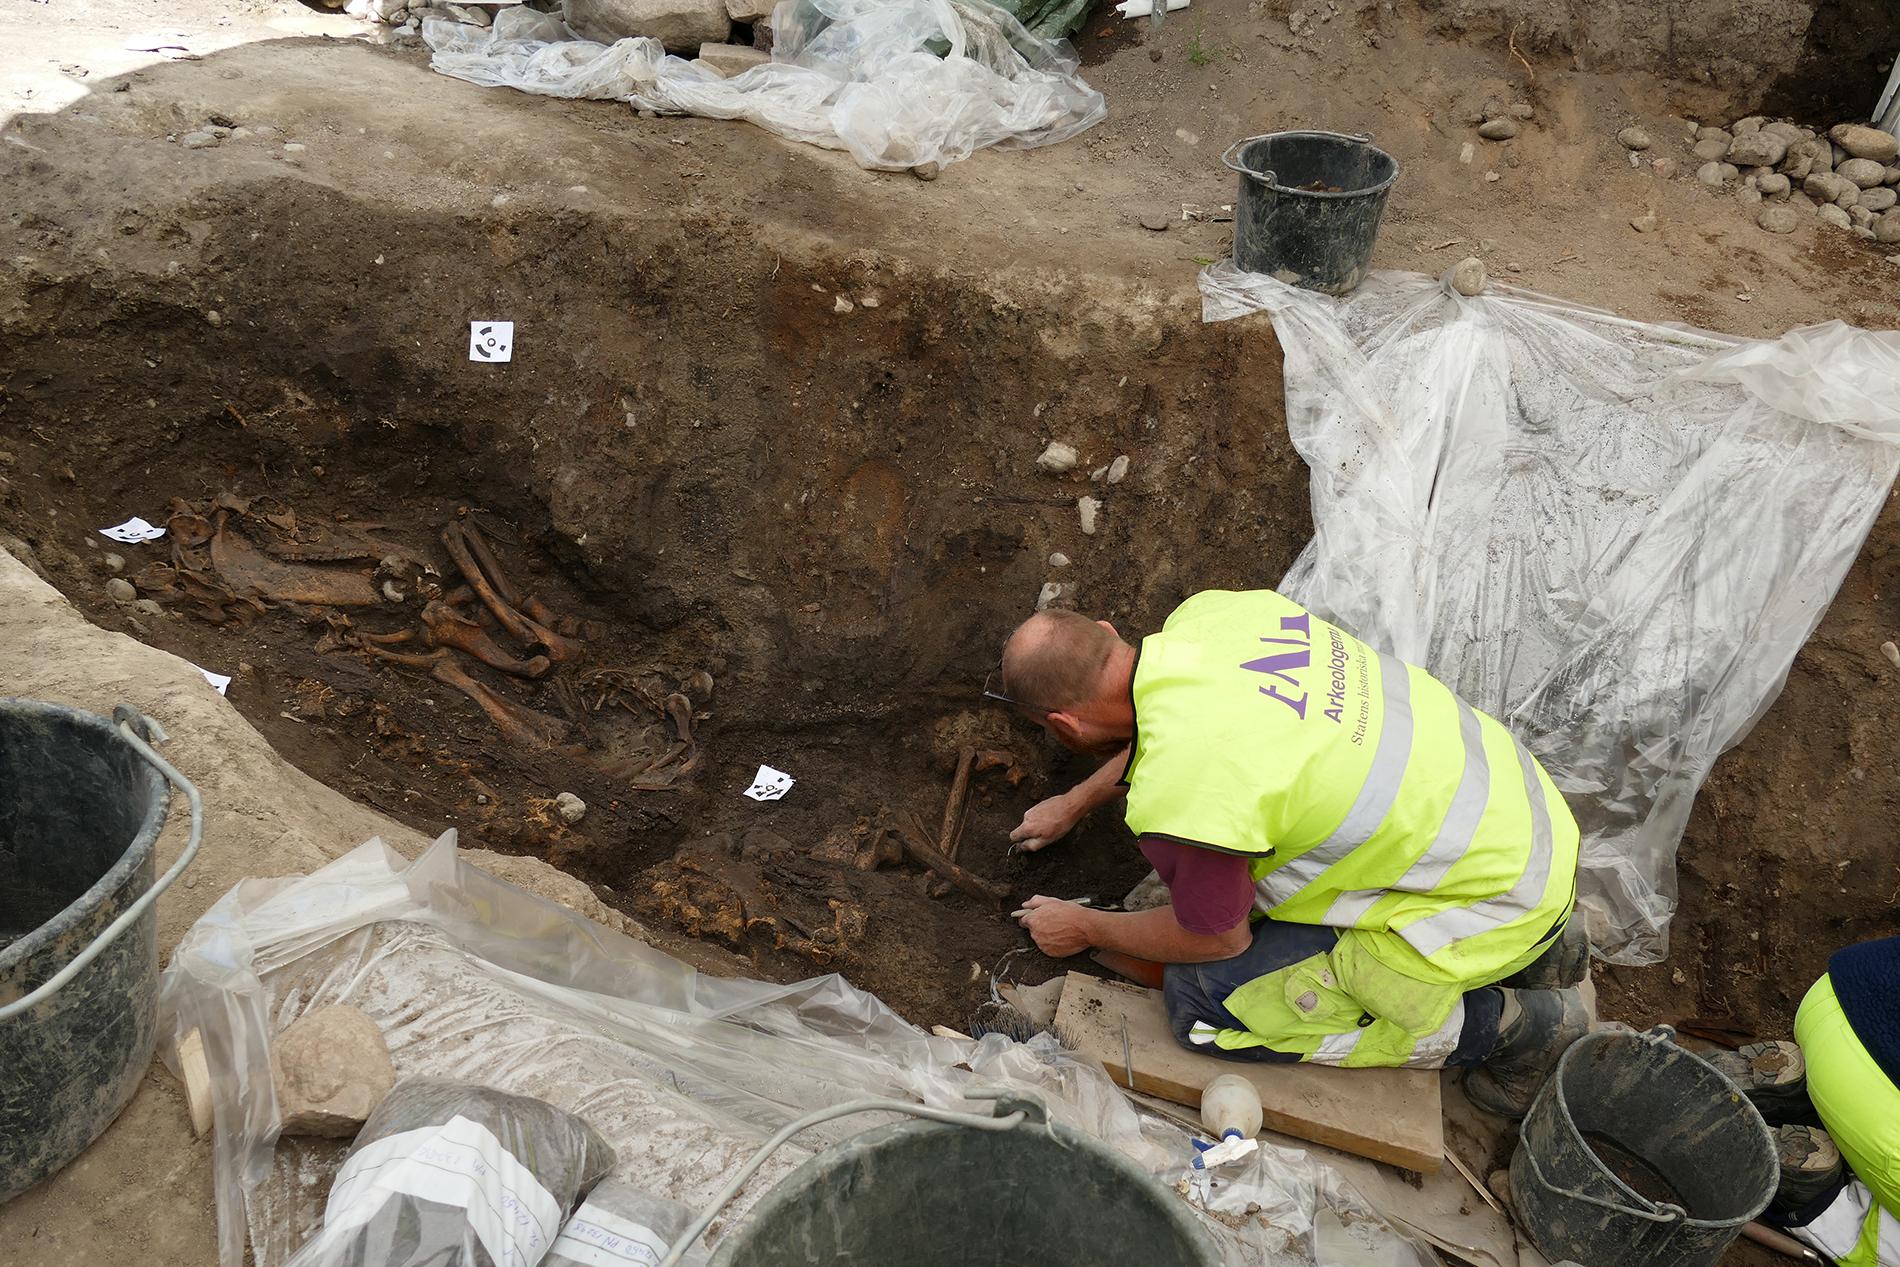 Suède - Les ossements d'un cheval et d'un chien dans l'un des deux bateaux tombes découverts à Gamla Uppsala - Photo: Statens Historiska Museer